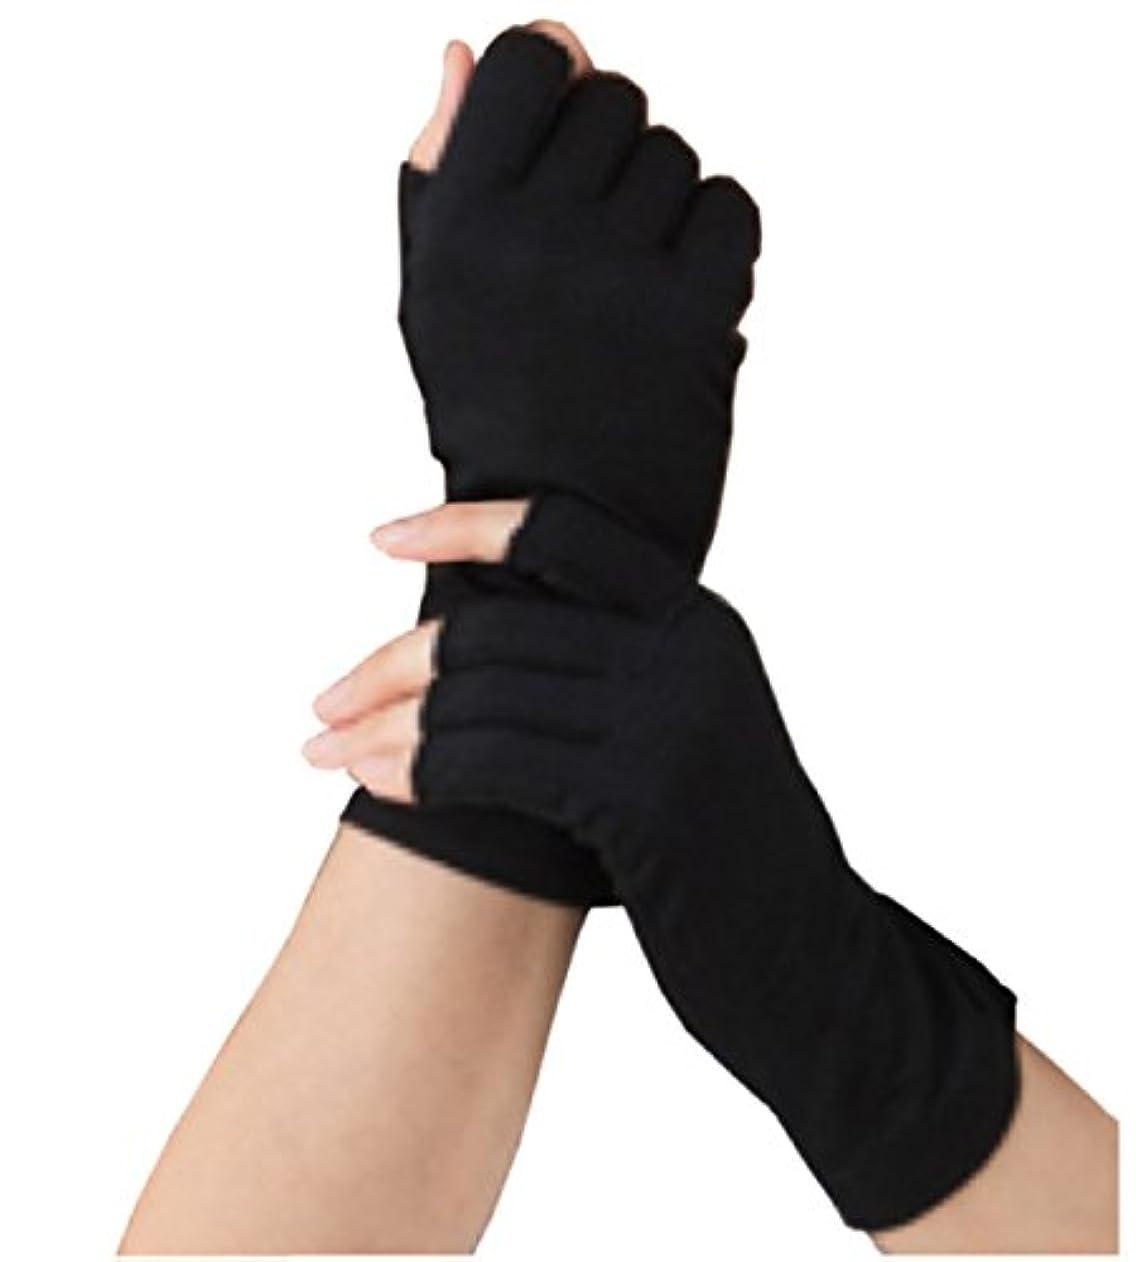 むちゃくちゃ心配するなくなるSilk 100% シルク 手袋 指先カット タイプ 薄手 オールシーズンOK 外出時の 紫外線 UV 対策 スマホ PC 操作 や ICカード 取り出しもらくらく! 手首 ゆったり おやすみ フィンガーレス スキンケア...